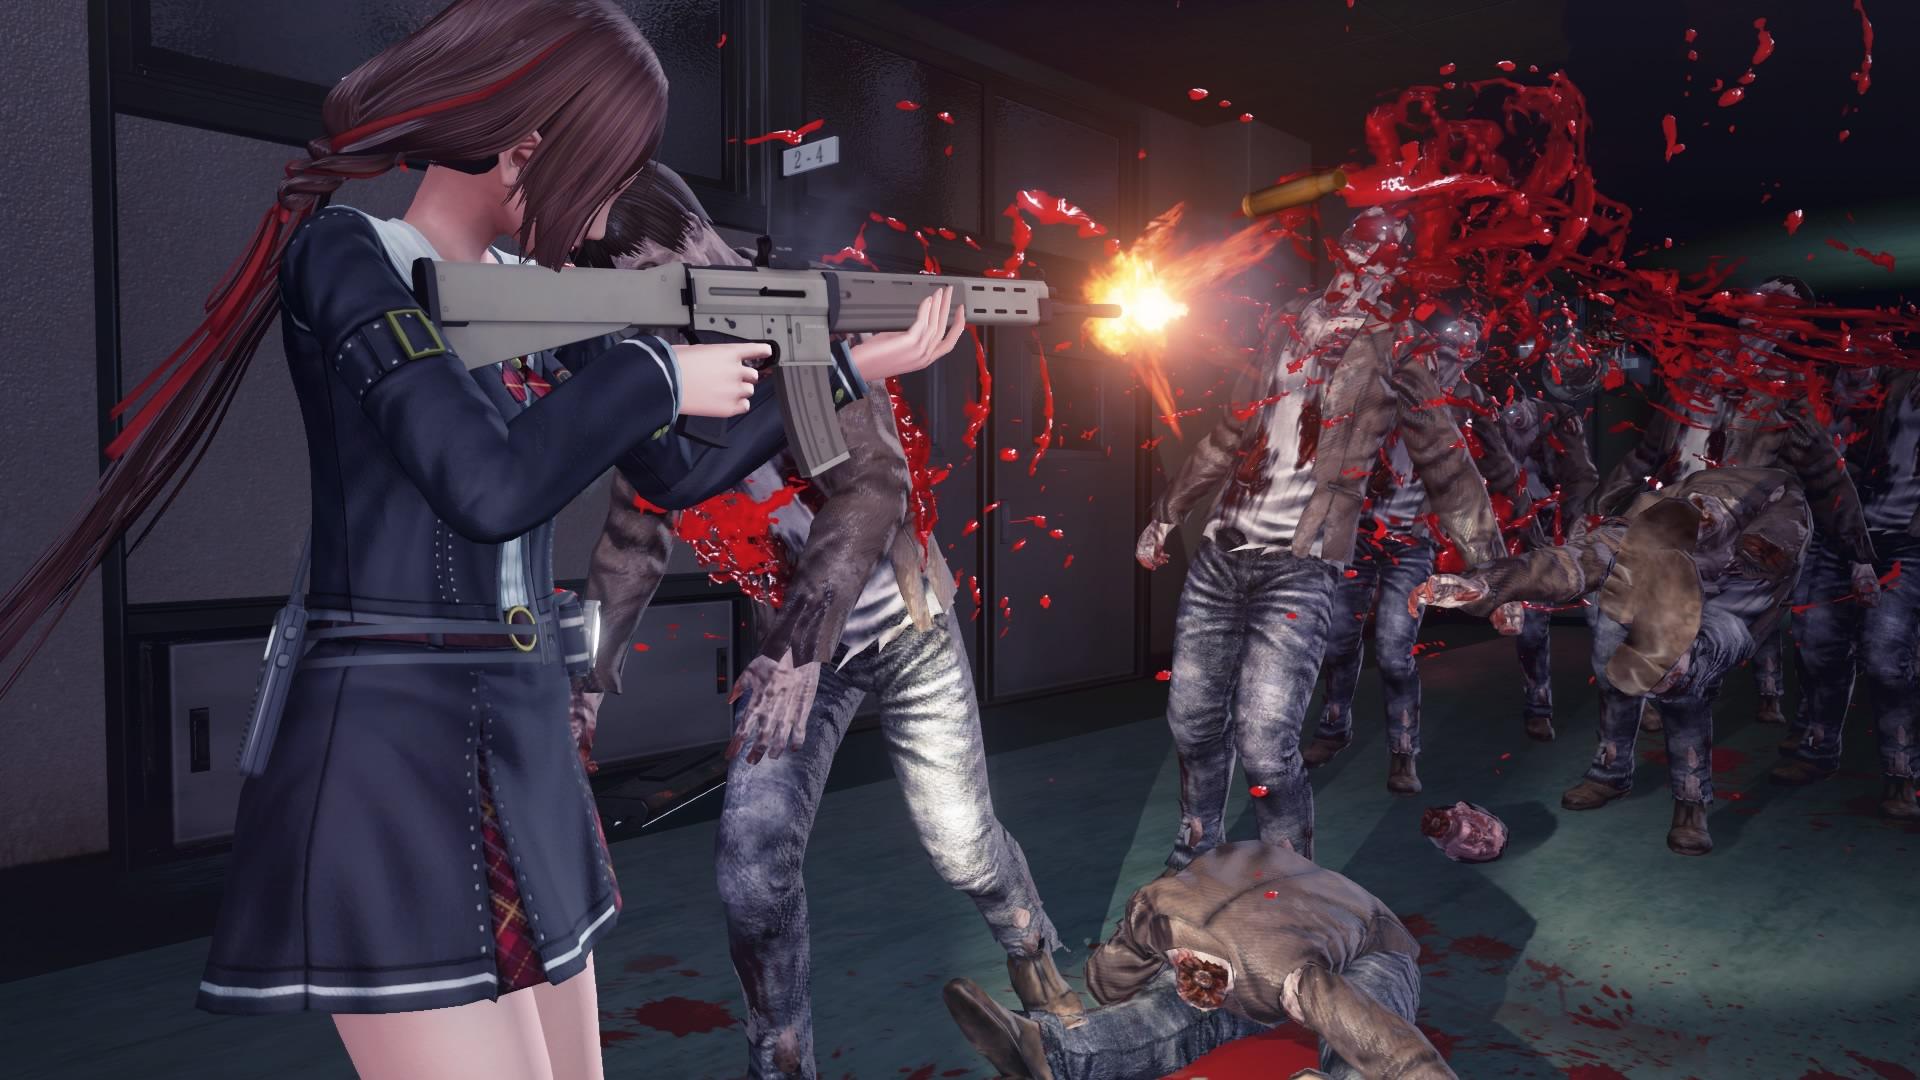 sg-zh-school-girl-zombie-hunter-screenshot-23